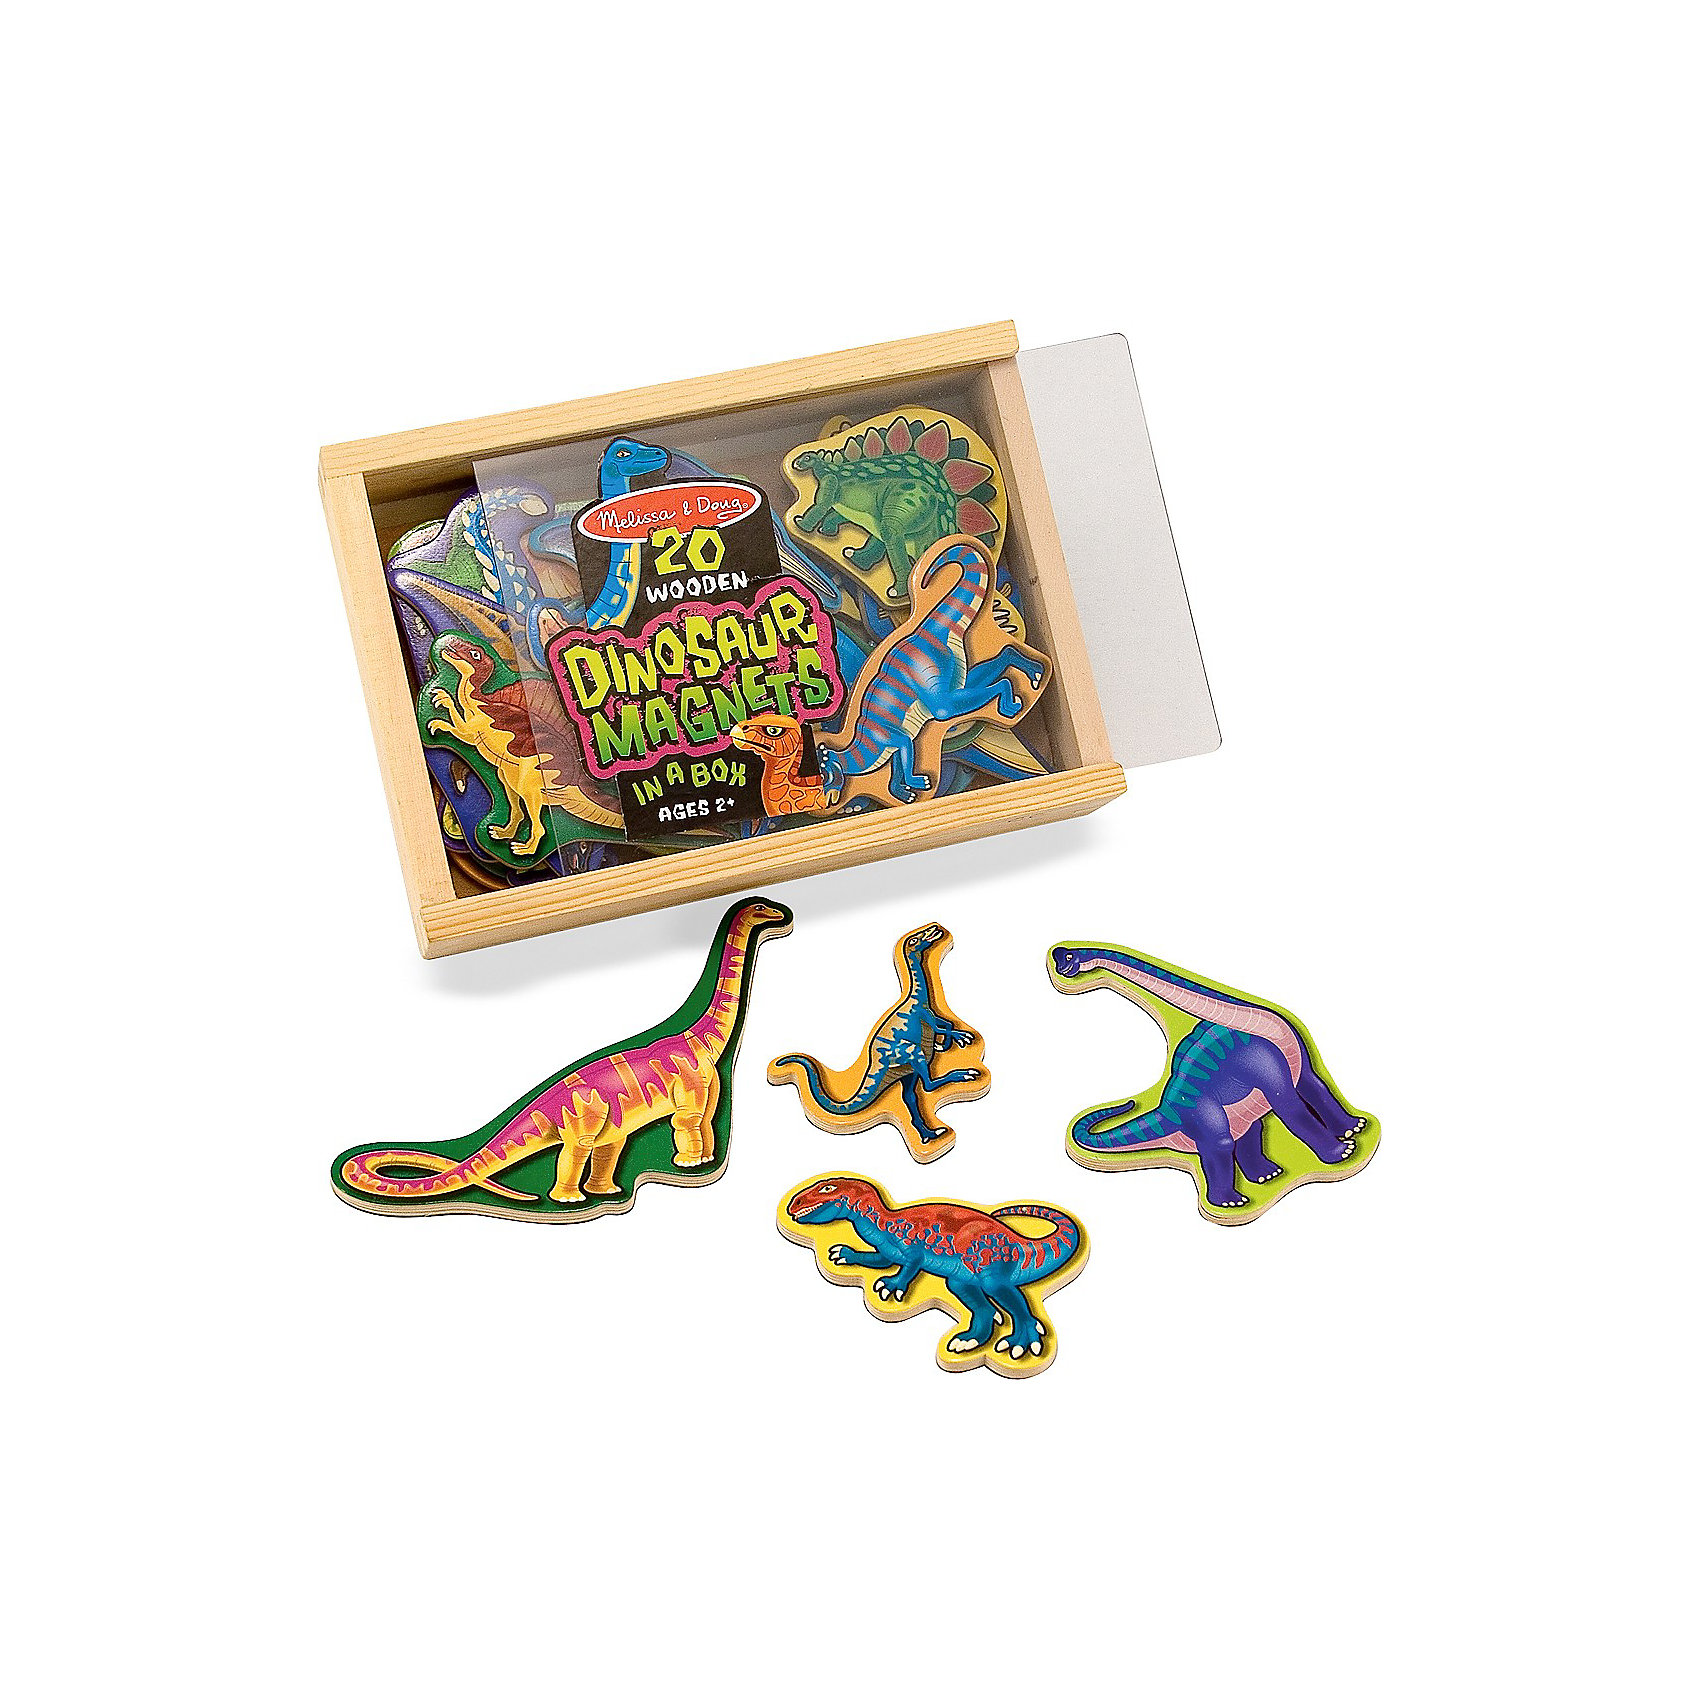 Магнитная игра Динозавры, Melissa &amp; DougРазнообразьте игры Вашего малыша с помощью магнитной игры Динозавры, Melissa &amp; Doug. Дети всех возрастов обожают динозавров, ведь они необычайно сильные и их размеры внушают трепет. Теперь изучать любимых рептилий стало проще! С помощью игры Динозавры Ваш малыш сможет не только в деталях рассмотреть динозавров разных видов, но и узнать много нового о каждом из них. Играть с динозаврами очень удобно, как на магнитной доске, так и на обычном холодильнике.  Просто развлекаясь, ребенок будет тренировать логику, воображение, моторику рук и конечно же память! Играйте и наслаждайтесь вместе с  Melissa &amp; Doug!<br><br>Дополнительная информация:<br><br>-  Способствует развитию мелкой моторики, воображения, логического мышления;<br>- Потрясающие подарок;<br>- Удобная коробочка для хранения;<br>- Красочный дизайн;<br>- Материал: натуральное дерево, безопасные краски;<br>- Размер упаковки: 20 х 4 х 14 см;<br>- Вес: 408 г<br><br>Магнитную игру Динозавры, Melissa &amp; Doug  можно купить в нашем интернет-магазине.<br><br>Ширина мм: 200<br>Глубина мм: 40<br>Высота мм: 140<br>Вес г: 408<br>Возраст от месяцев: 36<br>Возраст до месяцев: 60<br>Пол: Унисекс<br>Возраст: Детский<br>SKU: 3861962